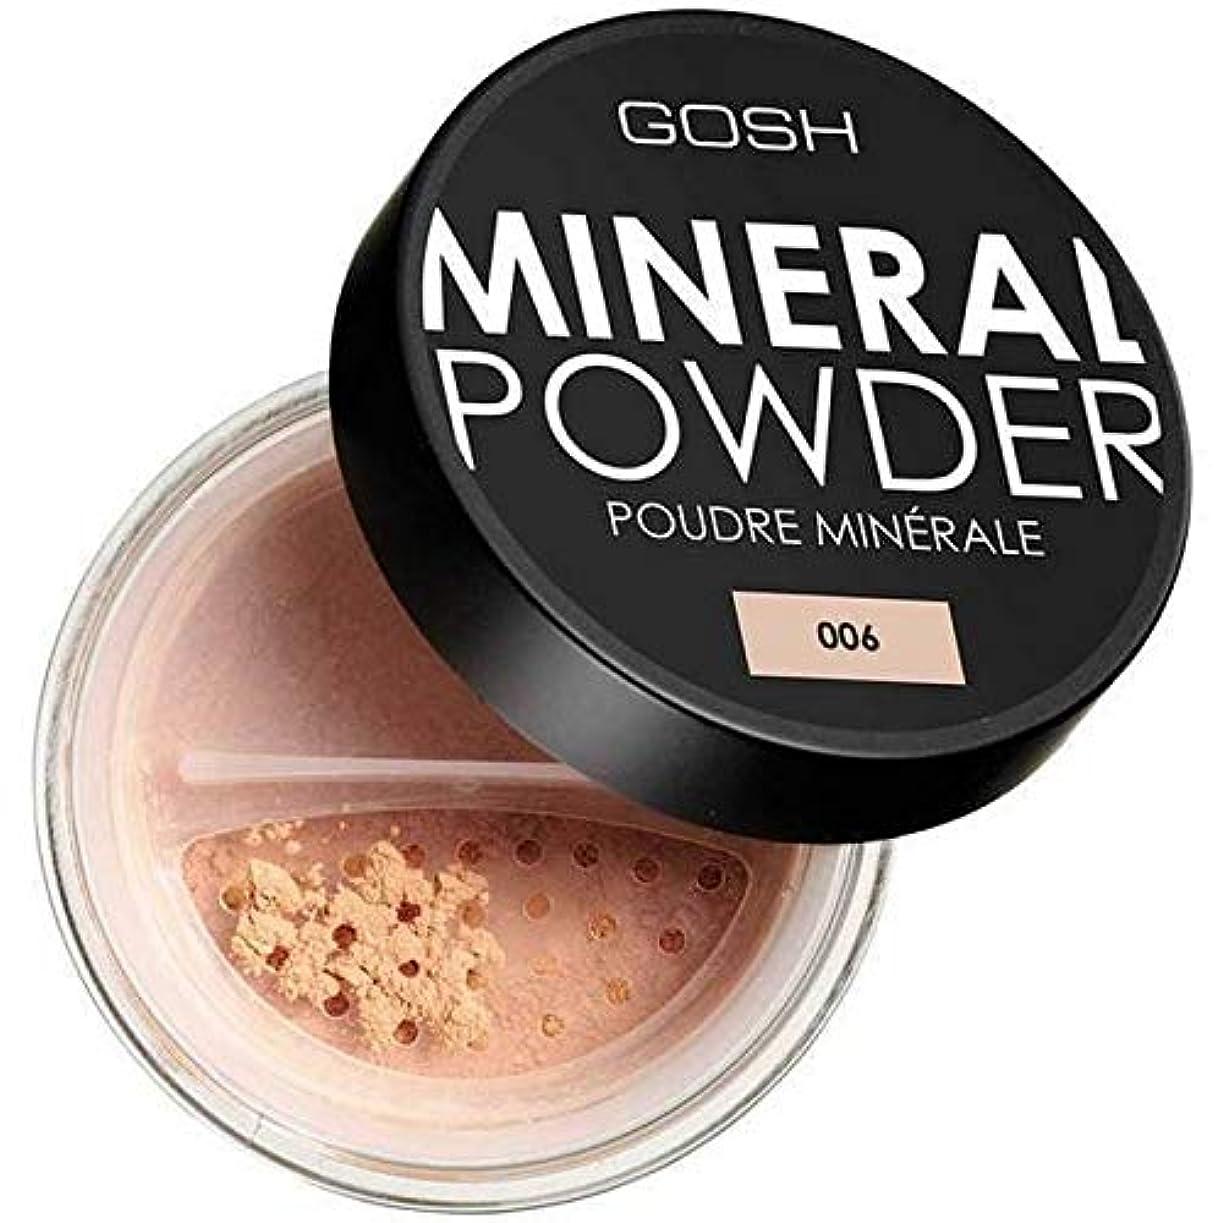 包帯タイマークラシック[GOSH ] おやっミネラルフルカバレッジ基礎粉末蜂蜜006 - GOSH Mineral Full Coverage Foundation Powder Honey 006 [並行輸入品]